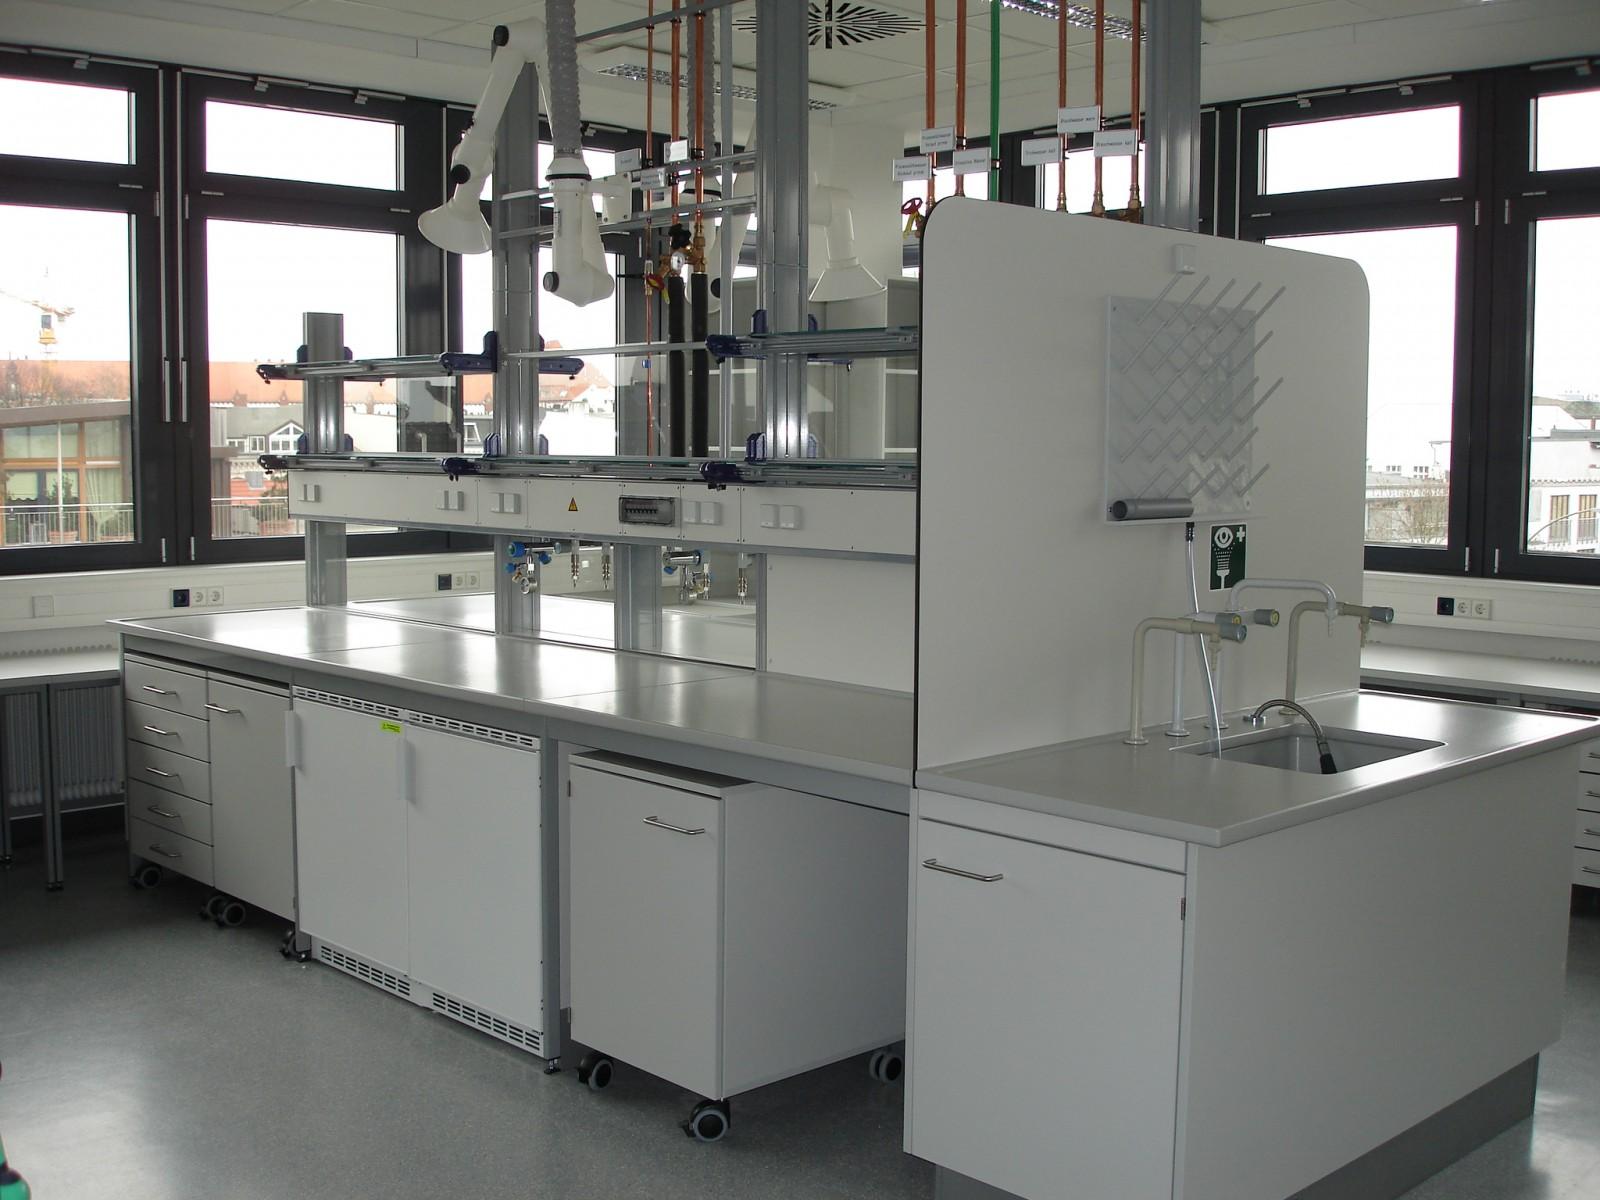 umbau-verfuegungsgebaeude-ll-interdisziplinaere-nanowissenschafts-centrum-inch-labor